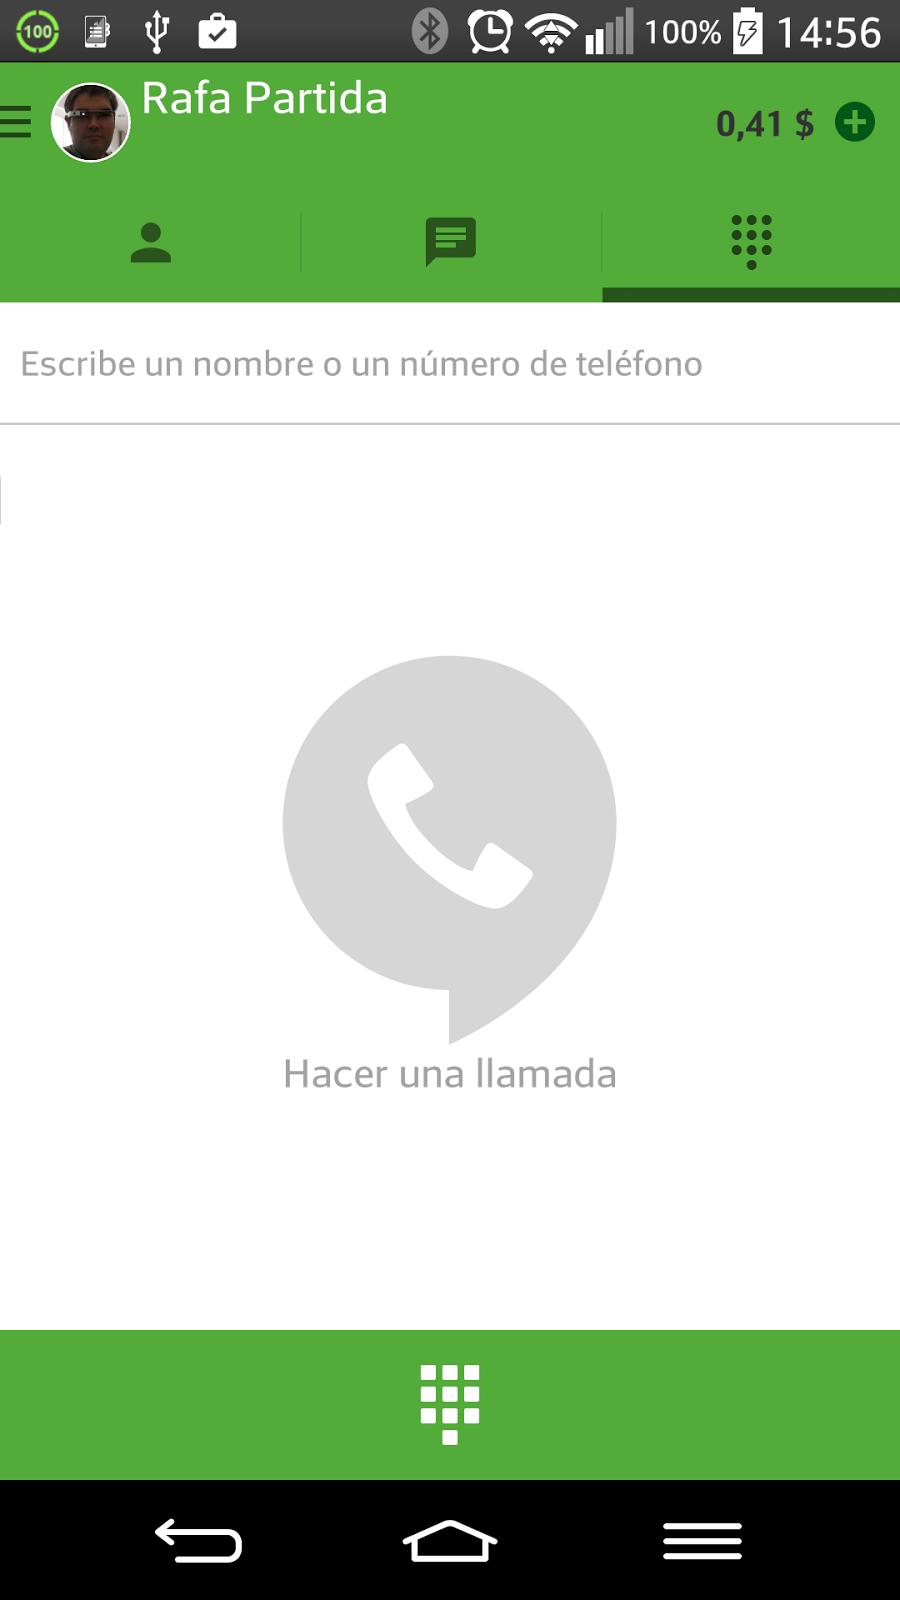 Descarga la aplicación complementaria Hangouts Dialer para poder realizar llamadas.